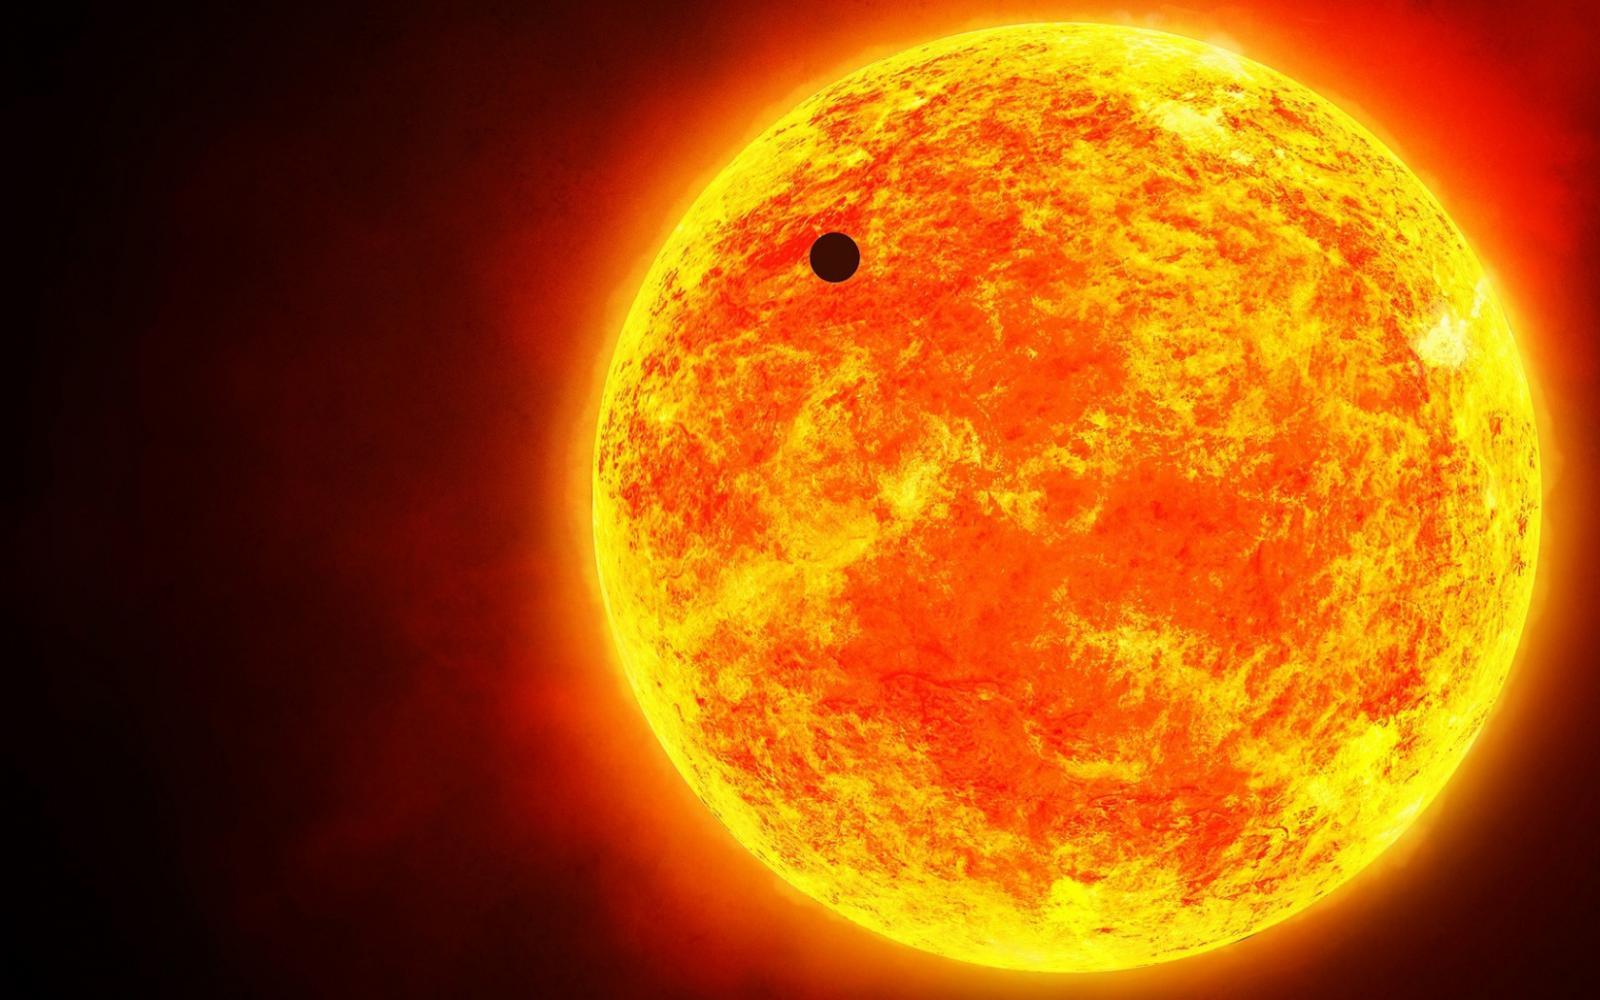 Жители Брянска смогут увидеть уникальное астрономическое явление